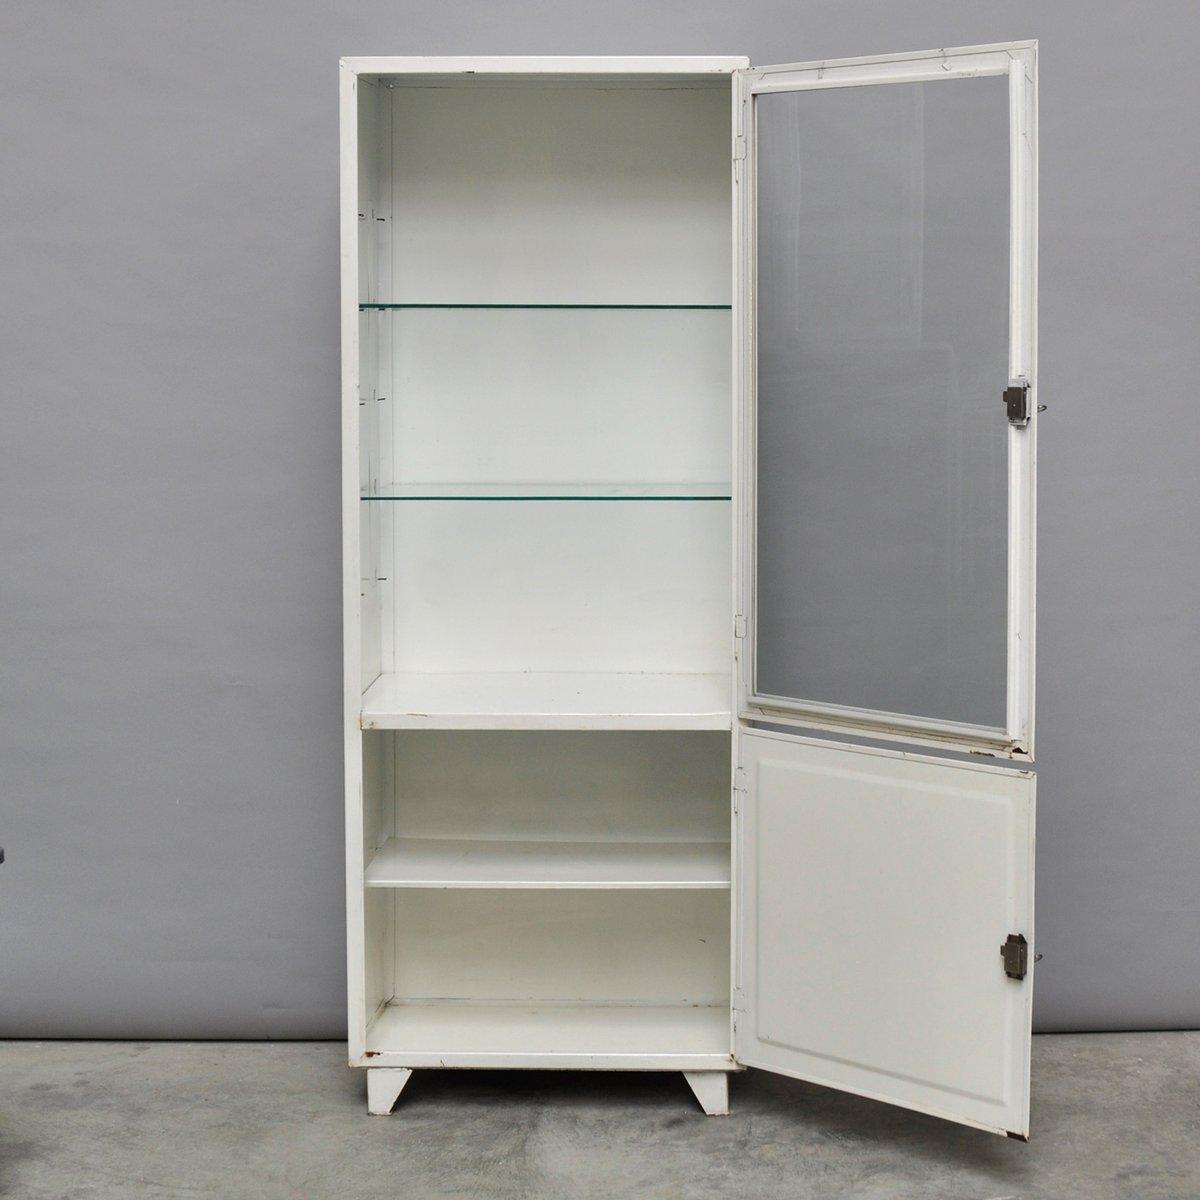 armoire pharmacie vintage en acier et verre pologne 1970s en vente sur pamono. Black Bedroom Furniture Sets. Home Design Ideas